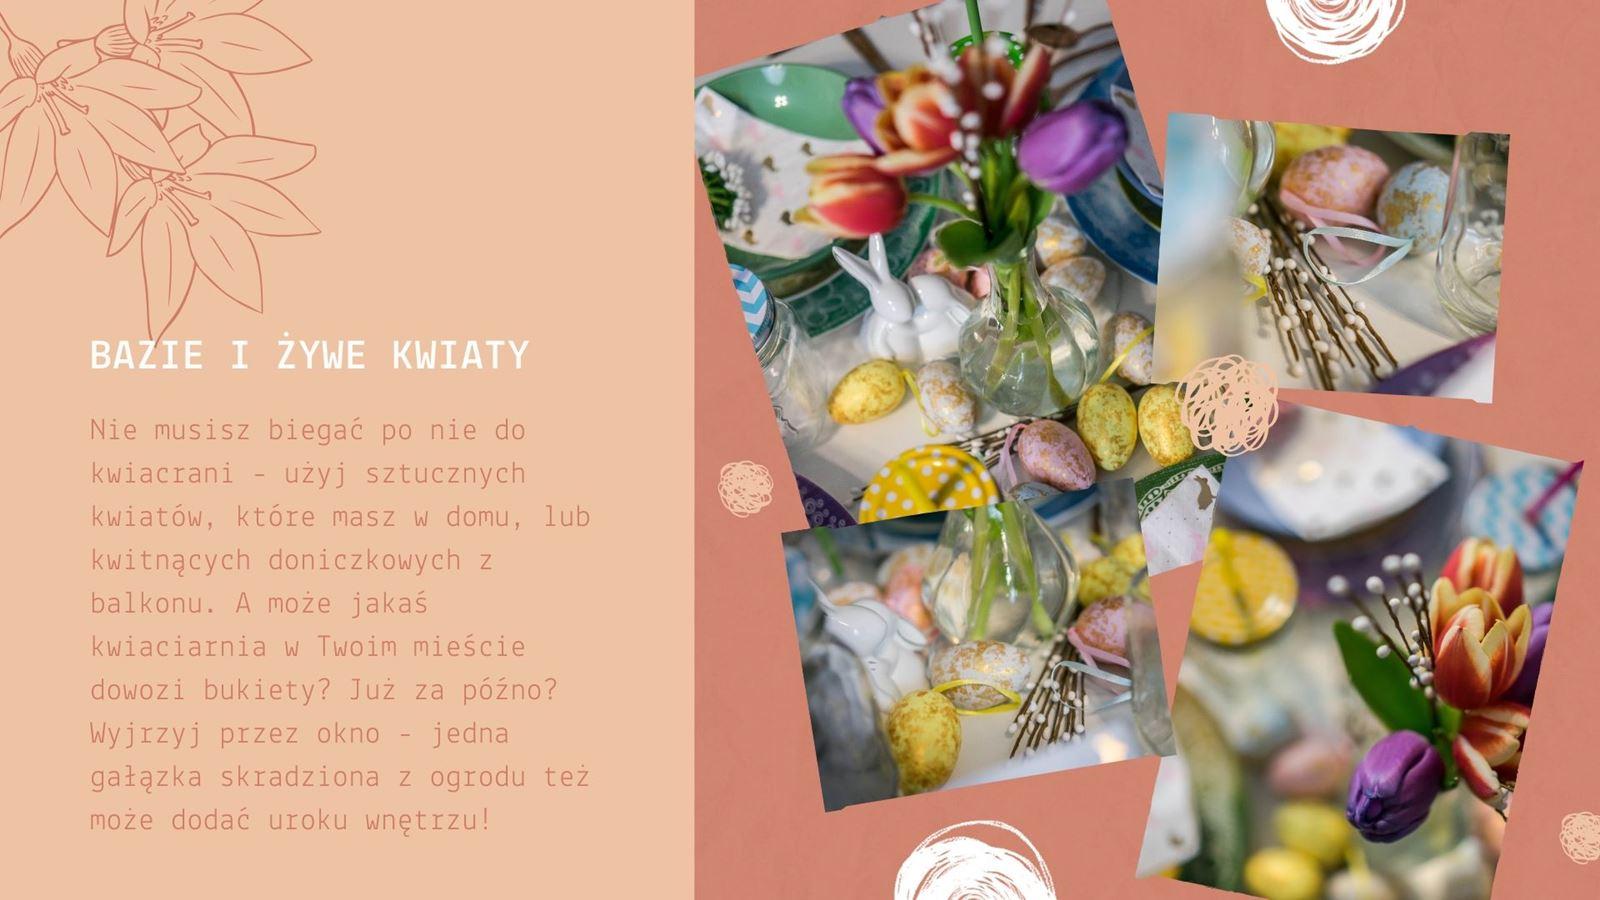 12 kolorowe wiosenne talerze pomysły na kolorowe dodatki pastelowe talerze słoiki miski szklanki kubki do kuchni dla dzieci dla dziewczyny prezent na wiosnę wielkanoc zajączek